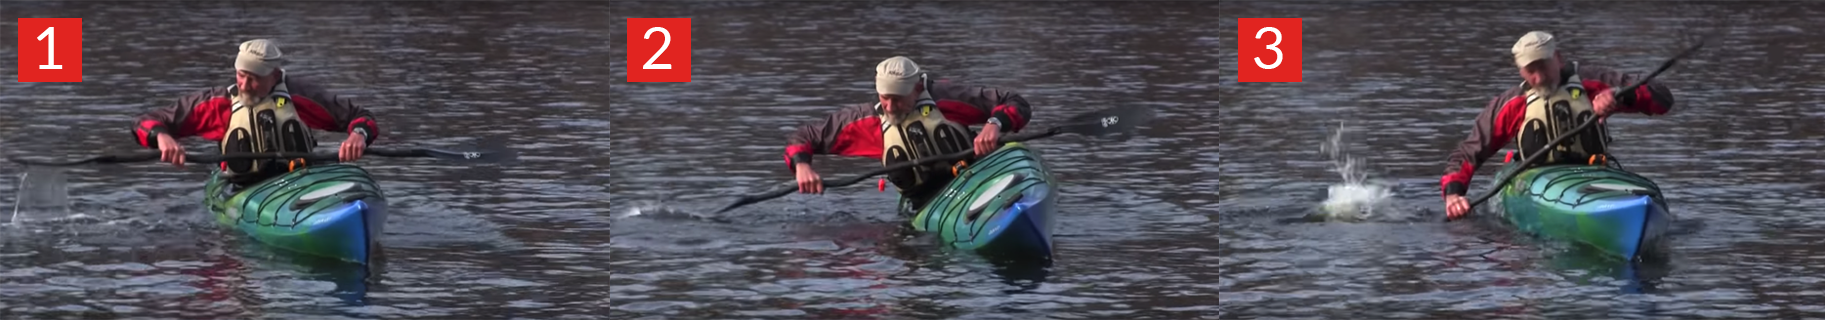 Kayak Low Brace Stroke